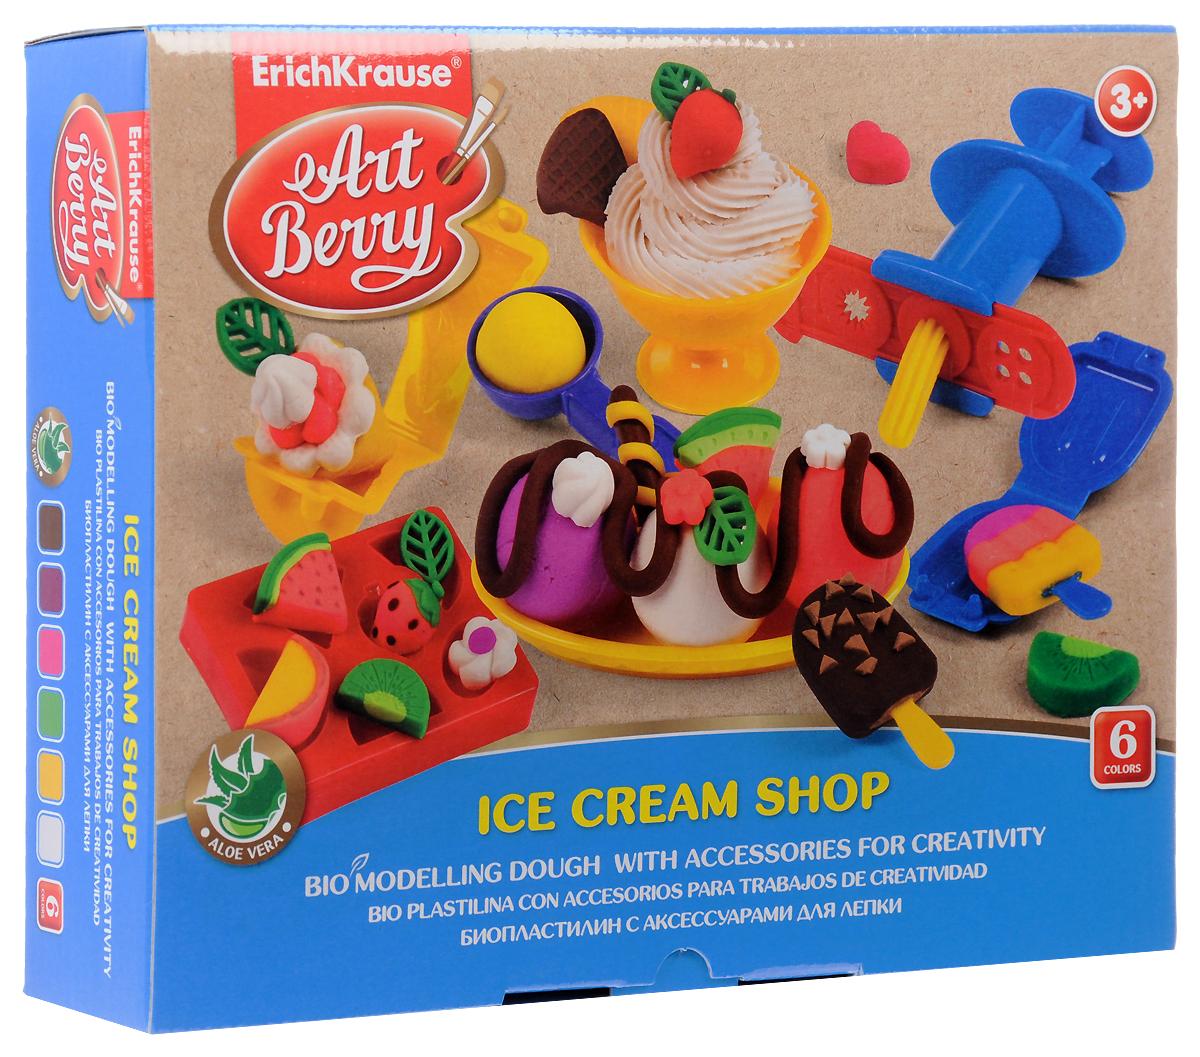 Набор для лепки (на растительной основе) Ice Cream Shop, 6 цветов30381Пластилин на растительной основе Ice Cream Shop - увлекательная игрушка, развивающая у ребенка мелкую моторику рук, воображение и творческое мышление. Пластилин легко разминается, не липнет к рукам и рабочей поверхности, не пачкает одежду. Цвета смешиваются между собой, образуя новые оттенки. Пластилин застывает на открытом воздухе через 24 часа. Набор содержит пластилин 6 цветов (малинового, белого, желтого, красного, оранжевого, синего), 2 объемных формы-трафарета, 2 плоских трафарета, 2 вафельницы, чашу, овальную тарелочку, ложечку, валик, пресс, 2 небольших лопатки, стек. Пластилин каждого цвета хранится в отдельной пластиковой баночке. С пластилином на растительной основе Ice Cream Shop ваш ребенок будет часами занят игрой.Характеристики:Общий вес пластилина: 210 г. Средний размер объемных трафаретов: 7,5 см x 6 см x 1 см. Средний размер плоских трафаретов: 10,5 см x 3 см. Средний размер вафельниц: 6 см x 4 см x 1,5 см. Длина стека: 11,5 см. Длина валика: 9 см. Длина пресса: 7,5 см. Размер тарелки: 11 см x 5,5 см x 1,5 см. Высота чаши: 4,5 см. Размер упаковки: 24 см x 18 см x 4,5 см. Изготовитель: Россия.